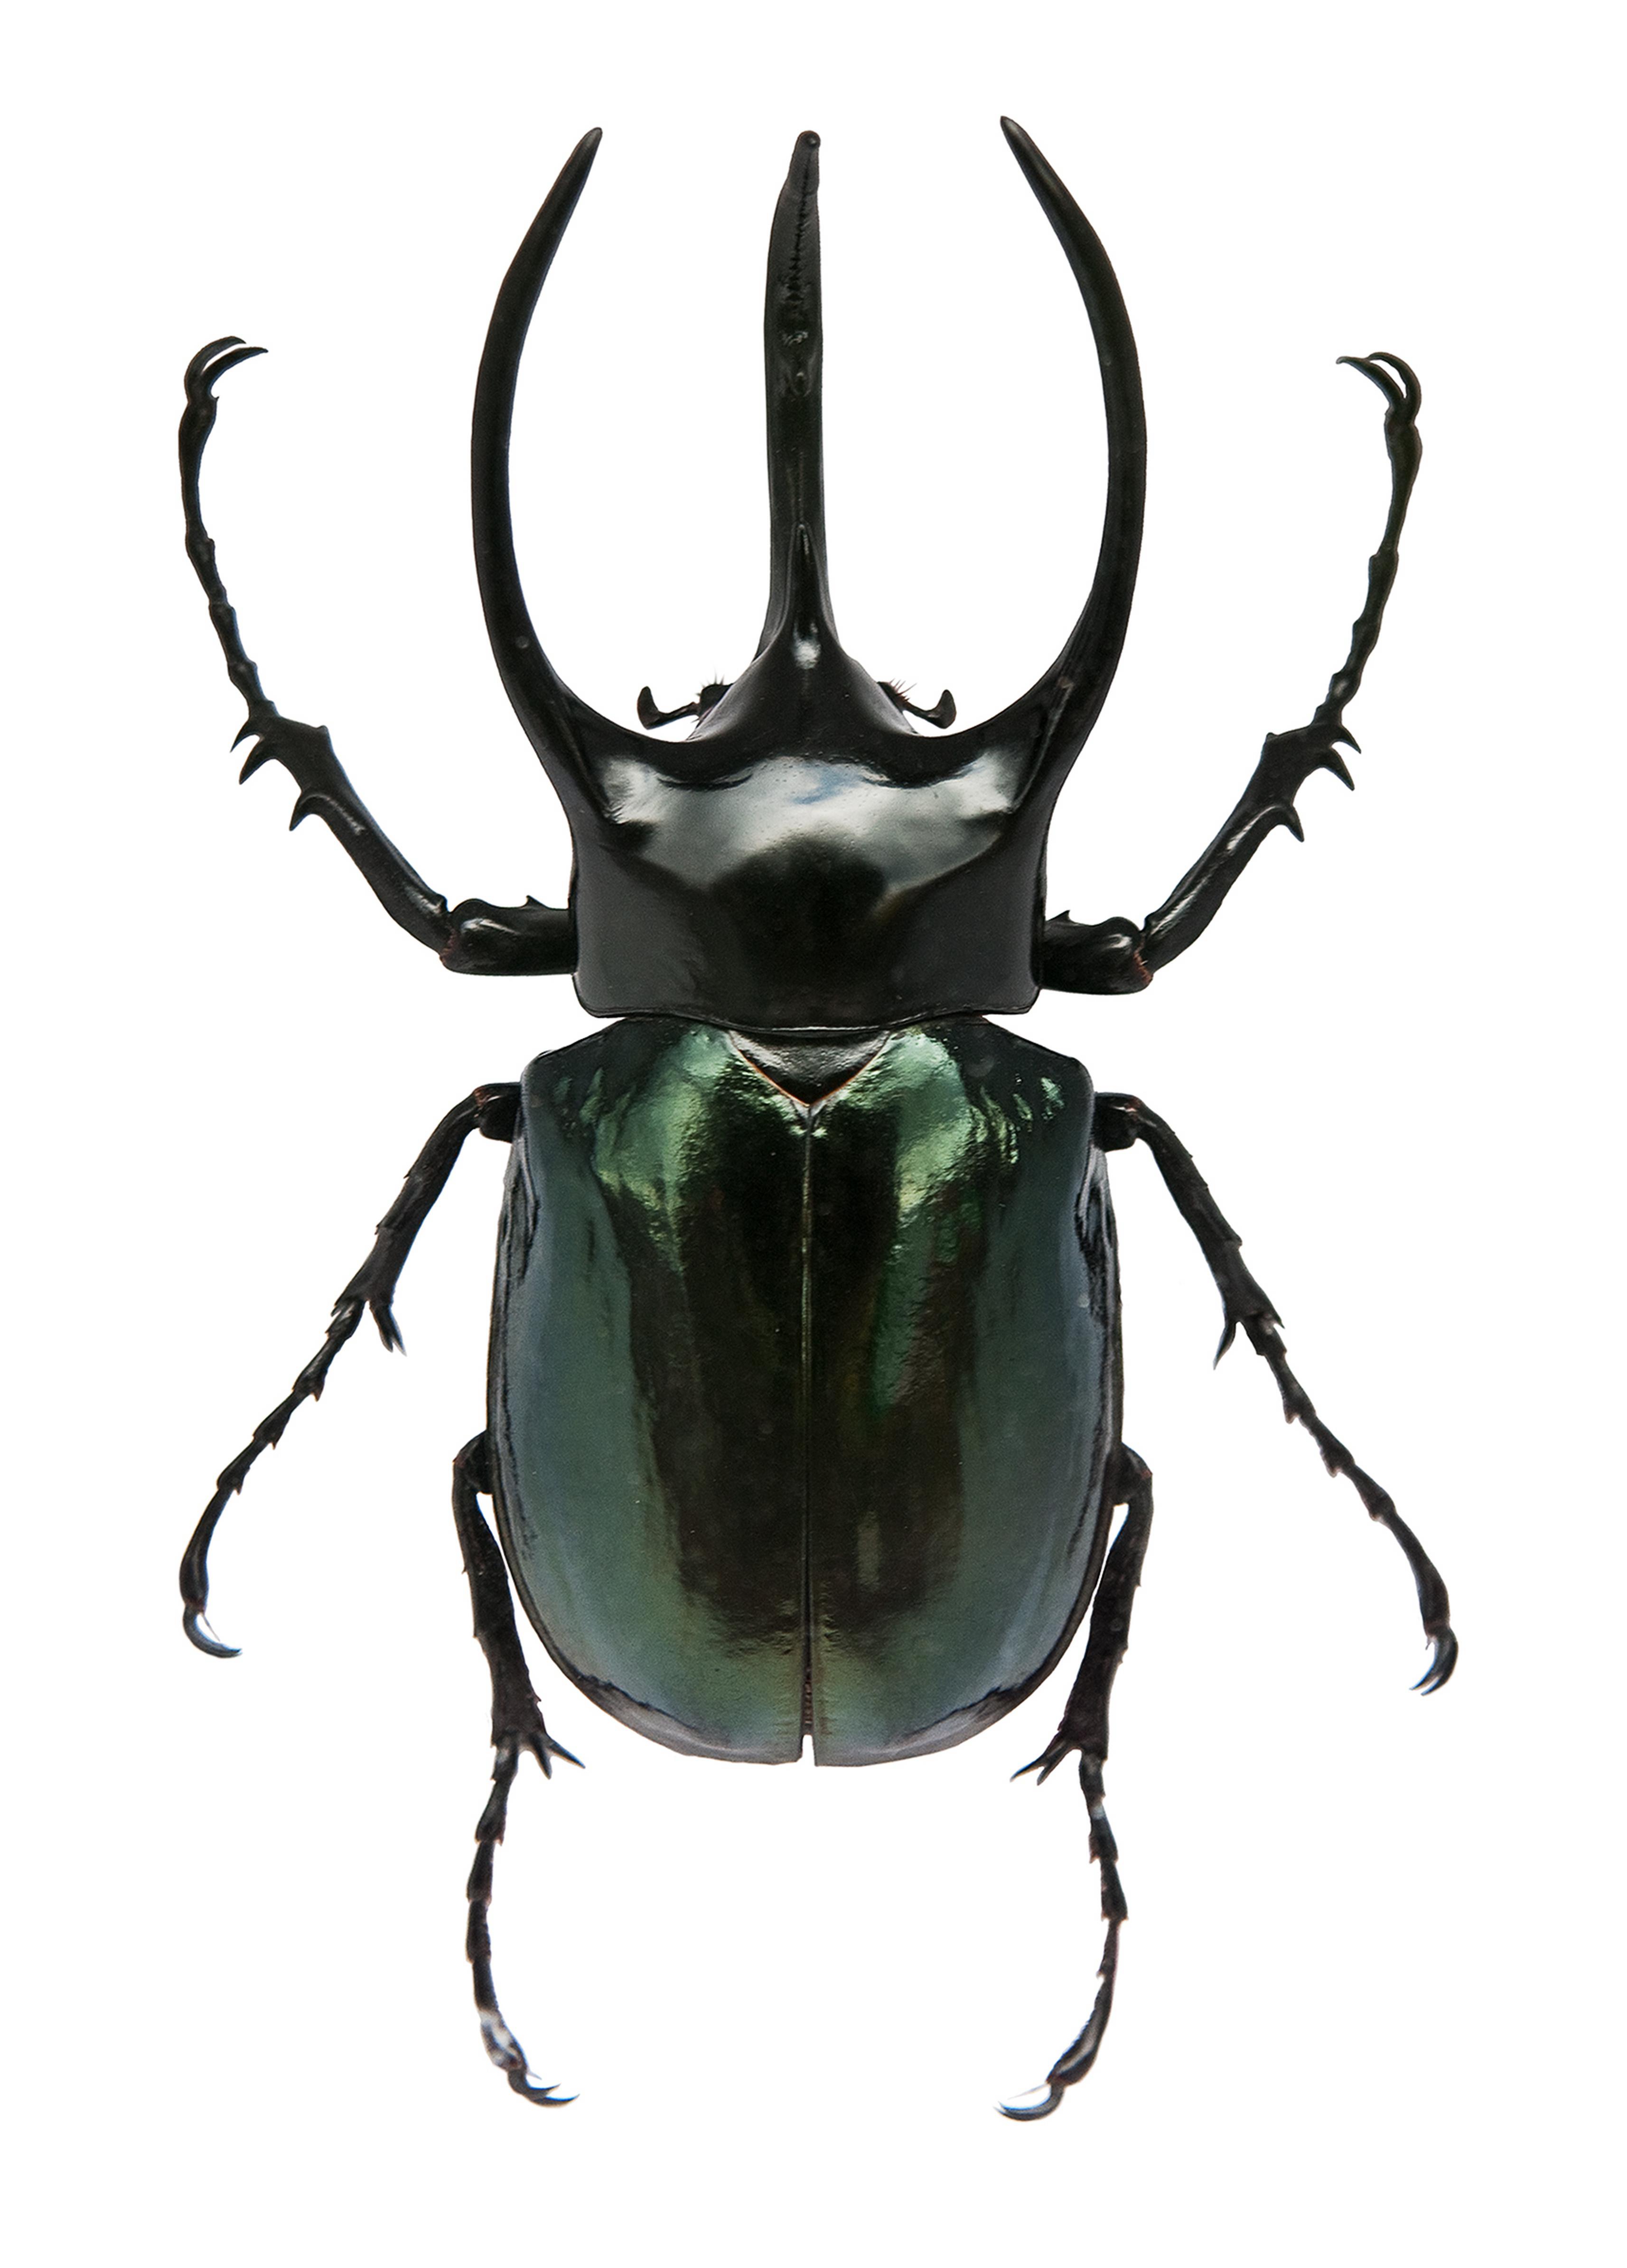 Rhinoceros Beetle clipart #20, Download drawings